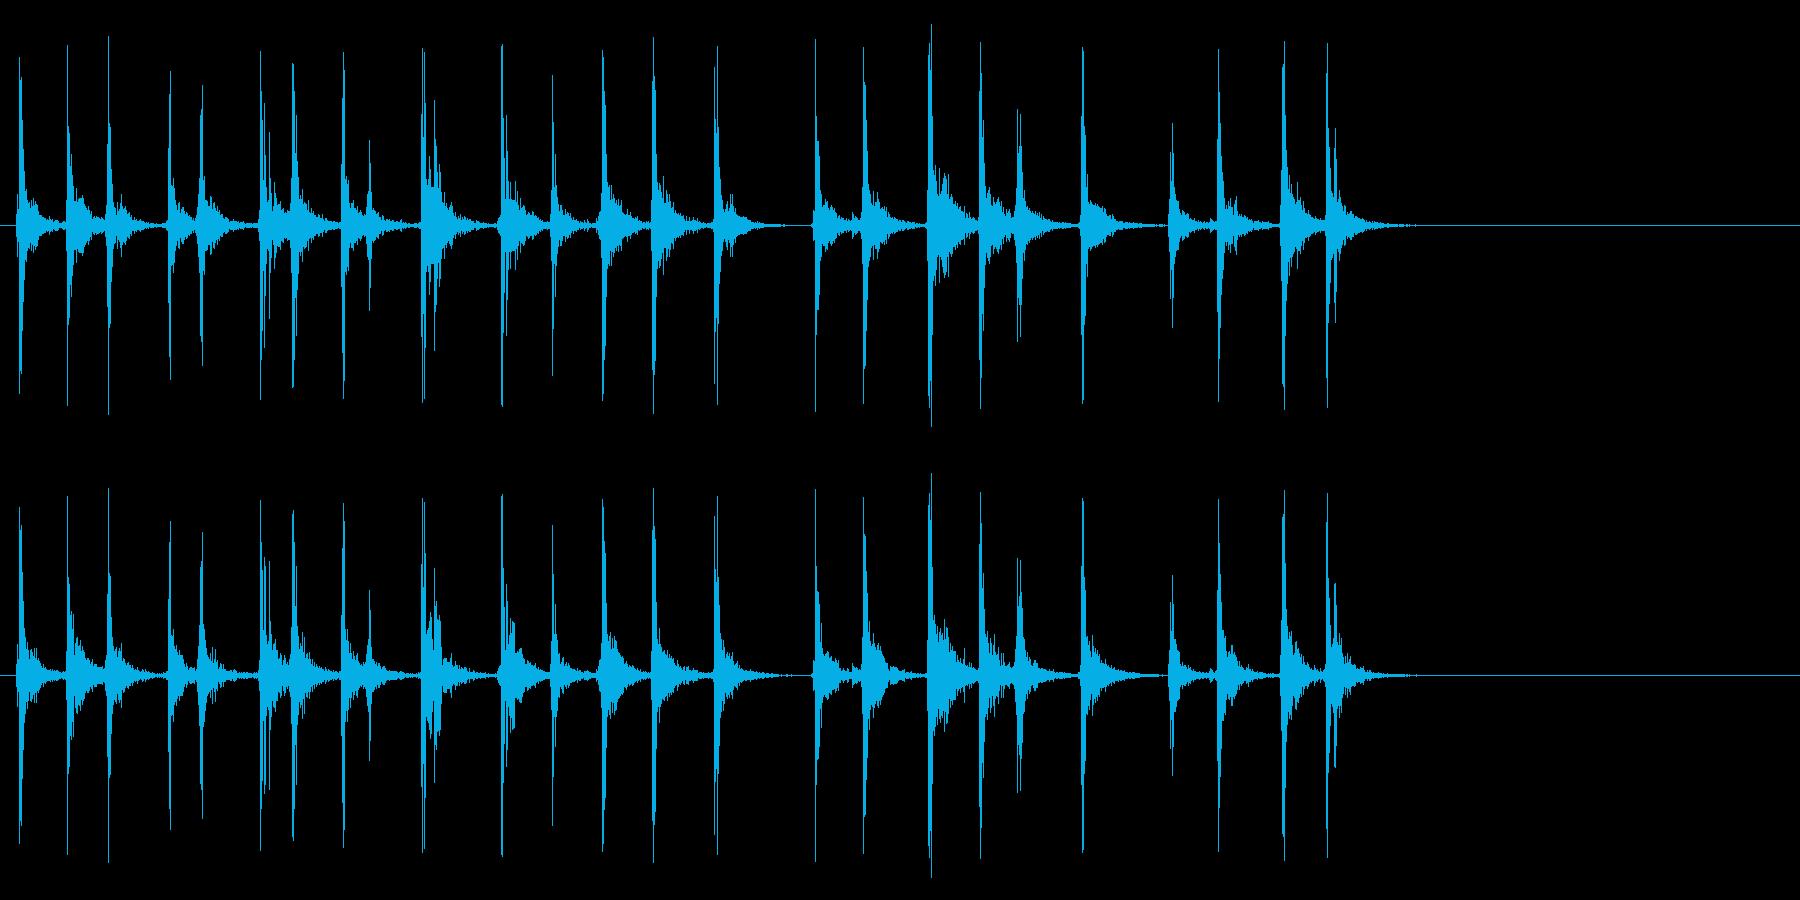 キーボードをカチャカチャと叩く音_2の再生済みの波形